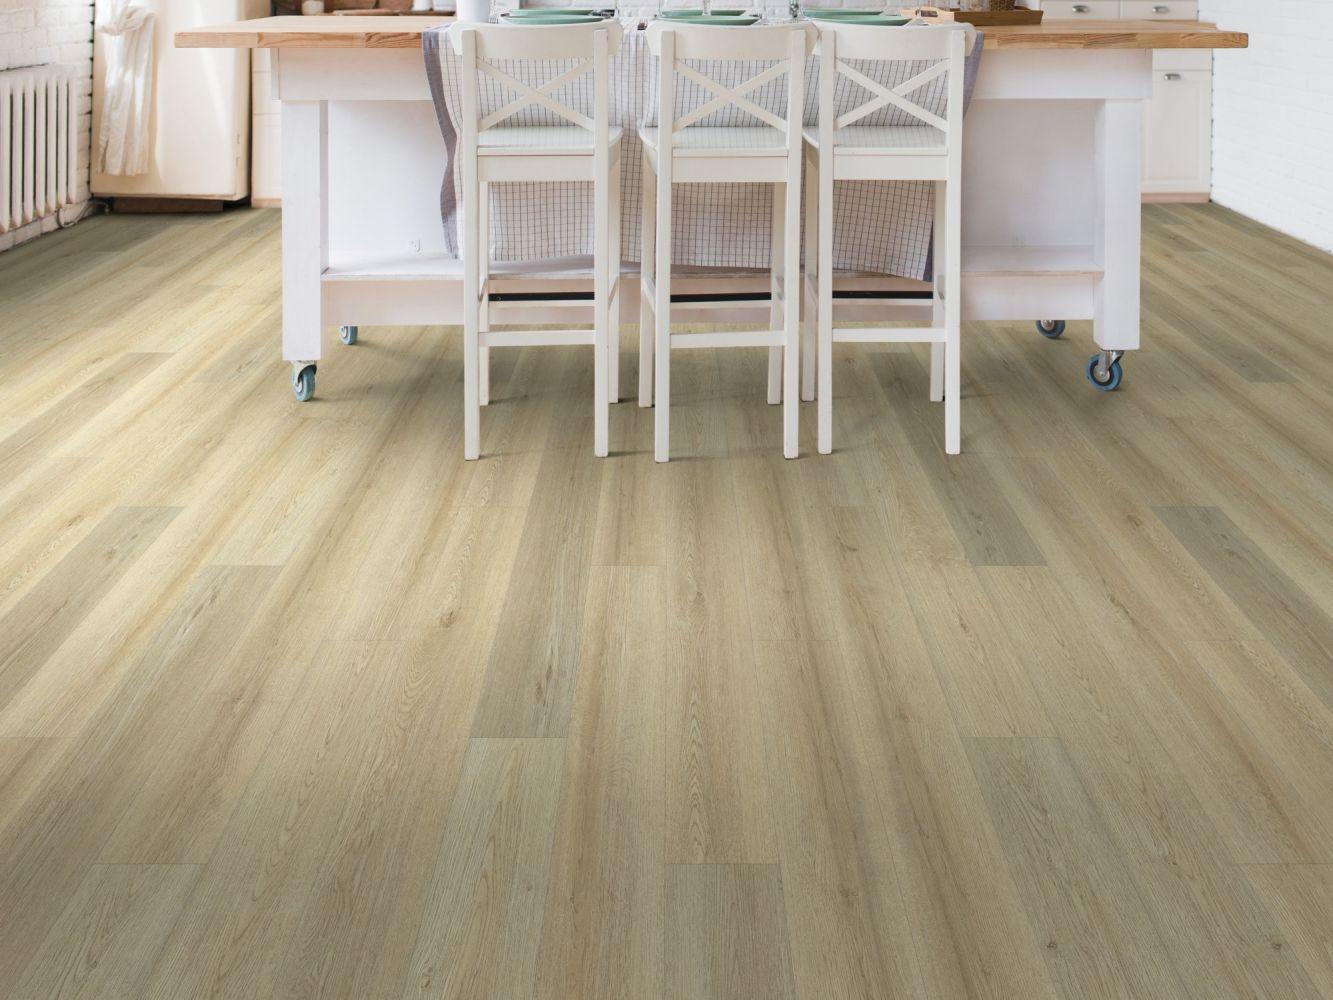 Shaw Floors Resilient Residential Wanderer Salt River 02028_3053V